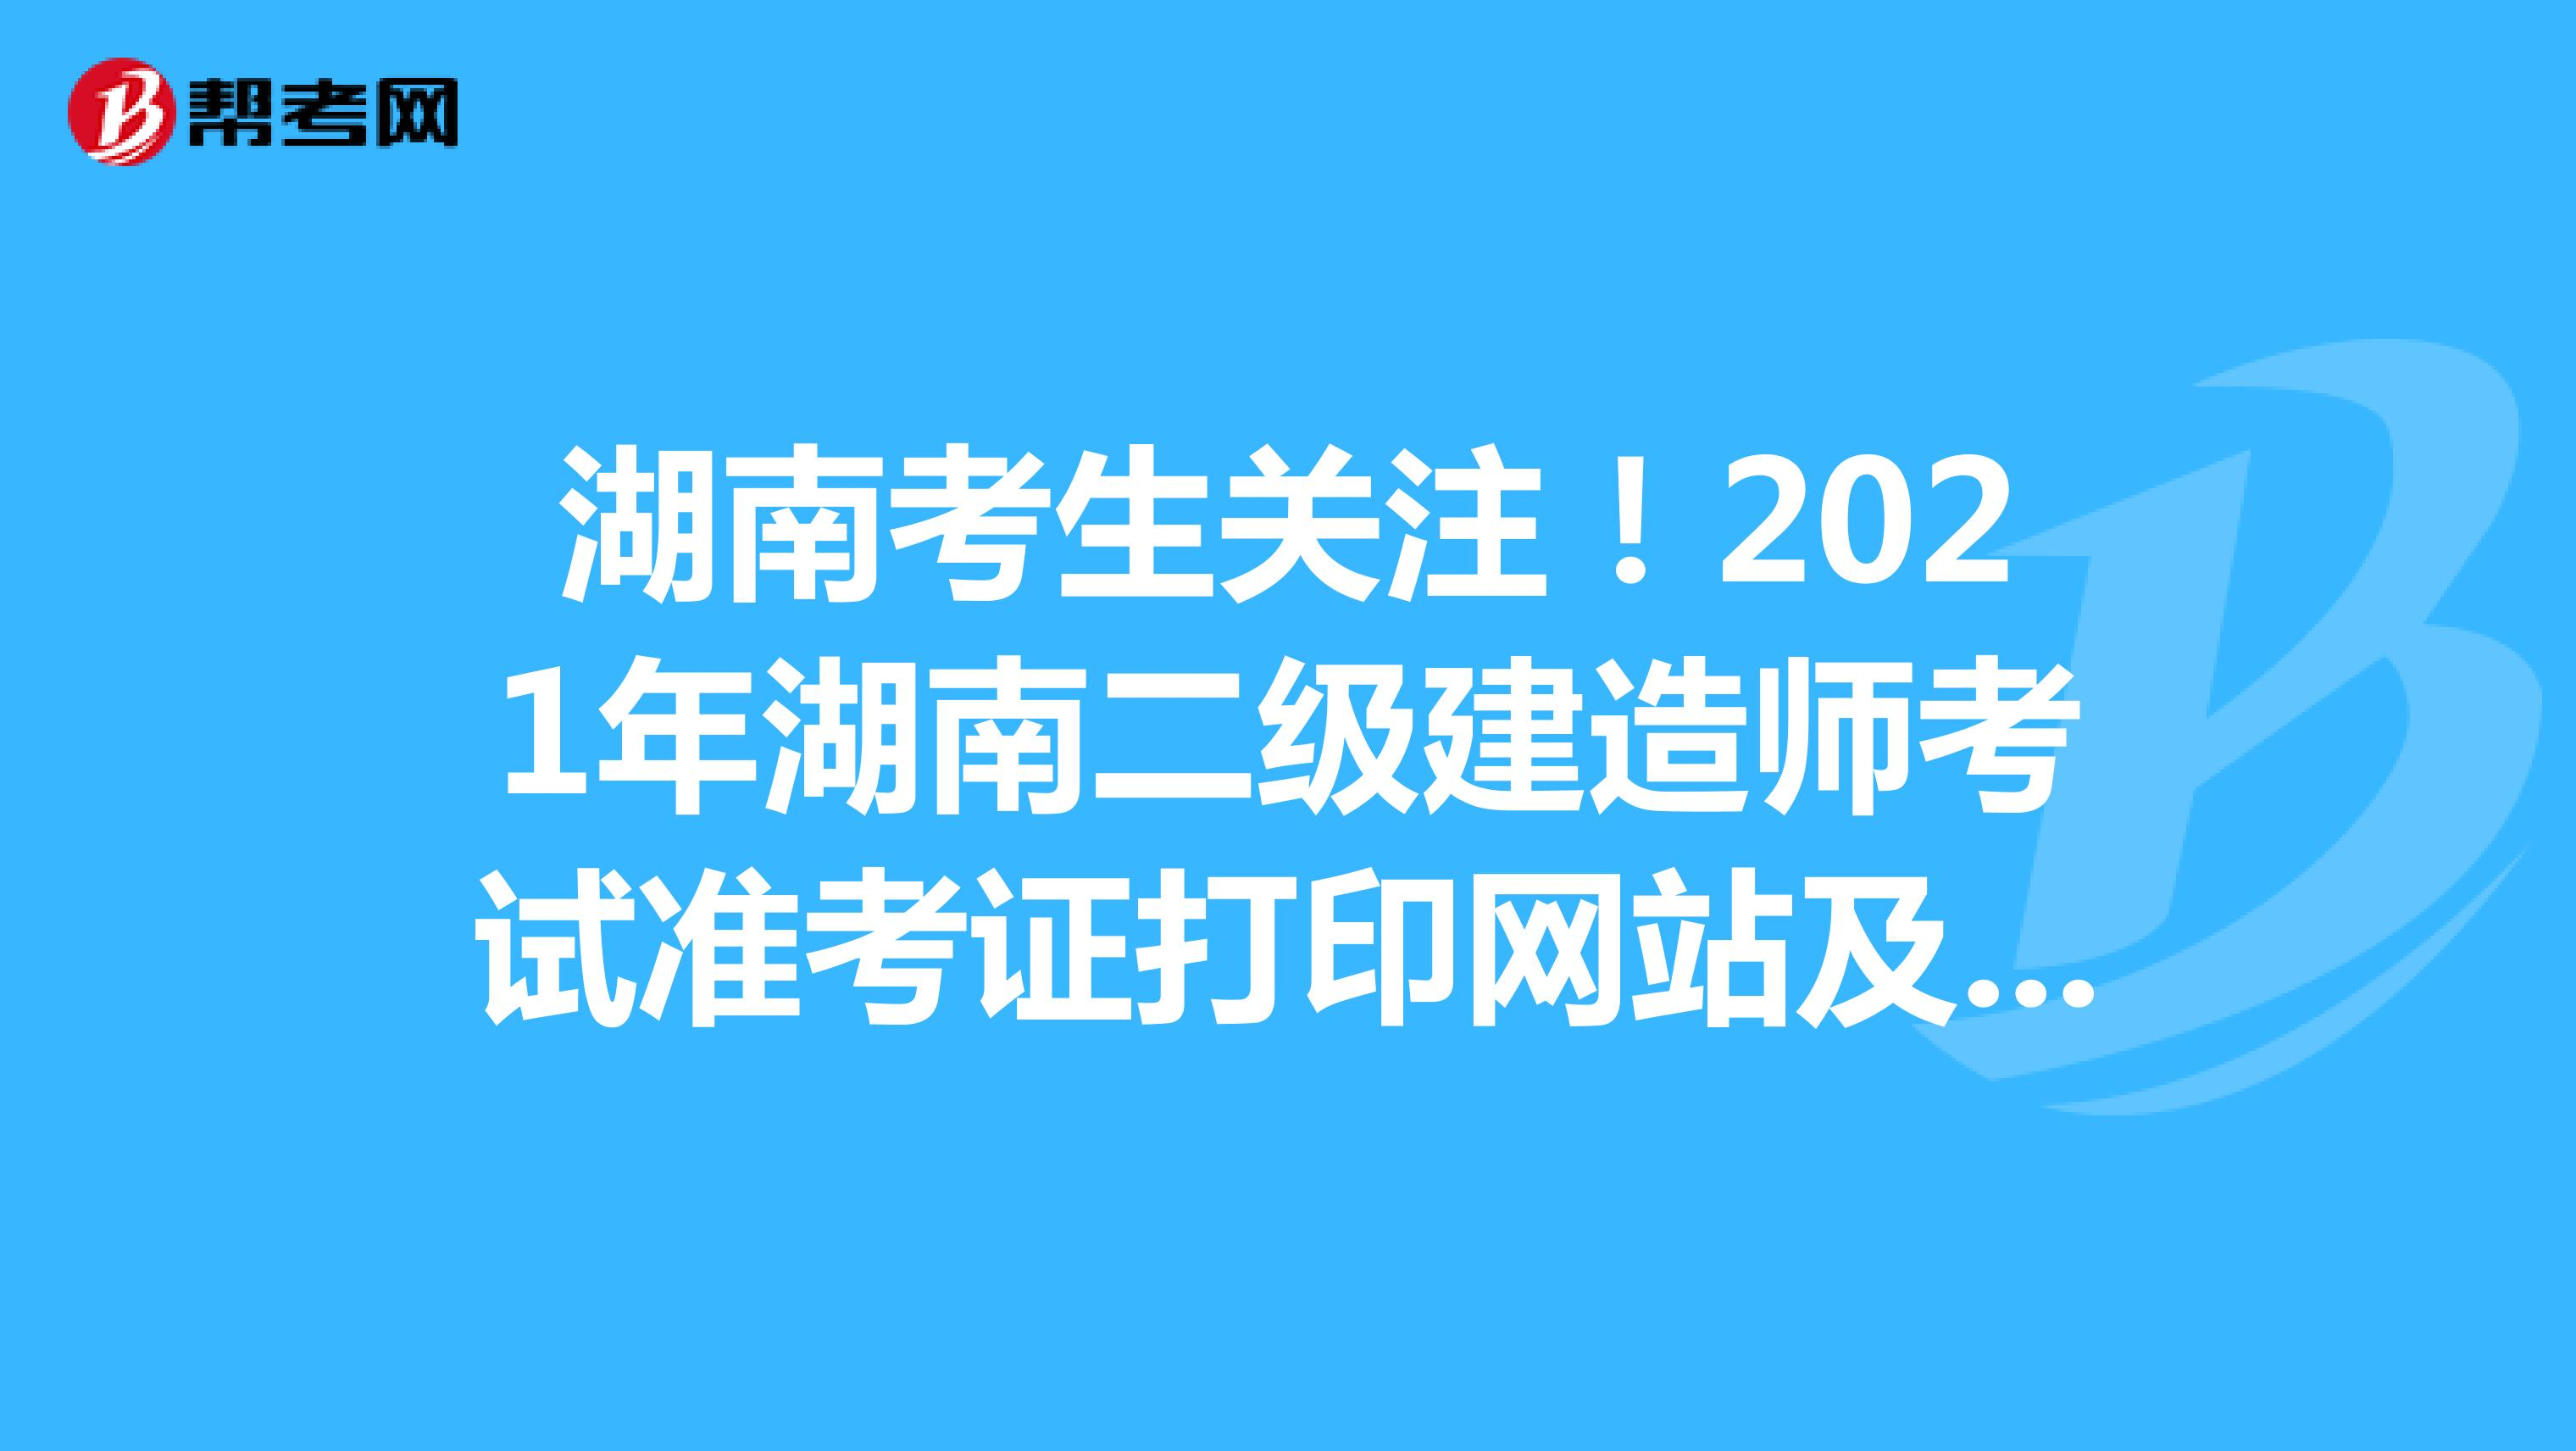 湖南考生关注!2021年湖南二级建造师考试准考证打印网站及入口